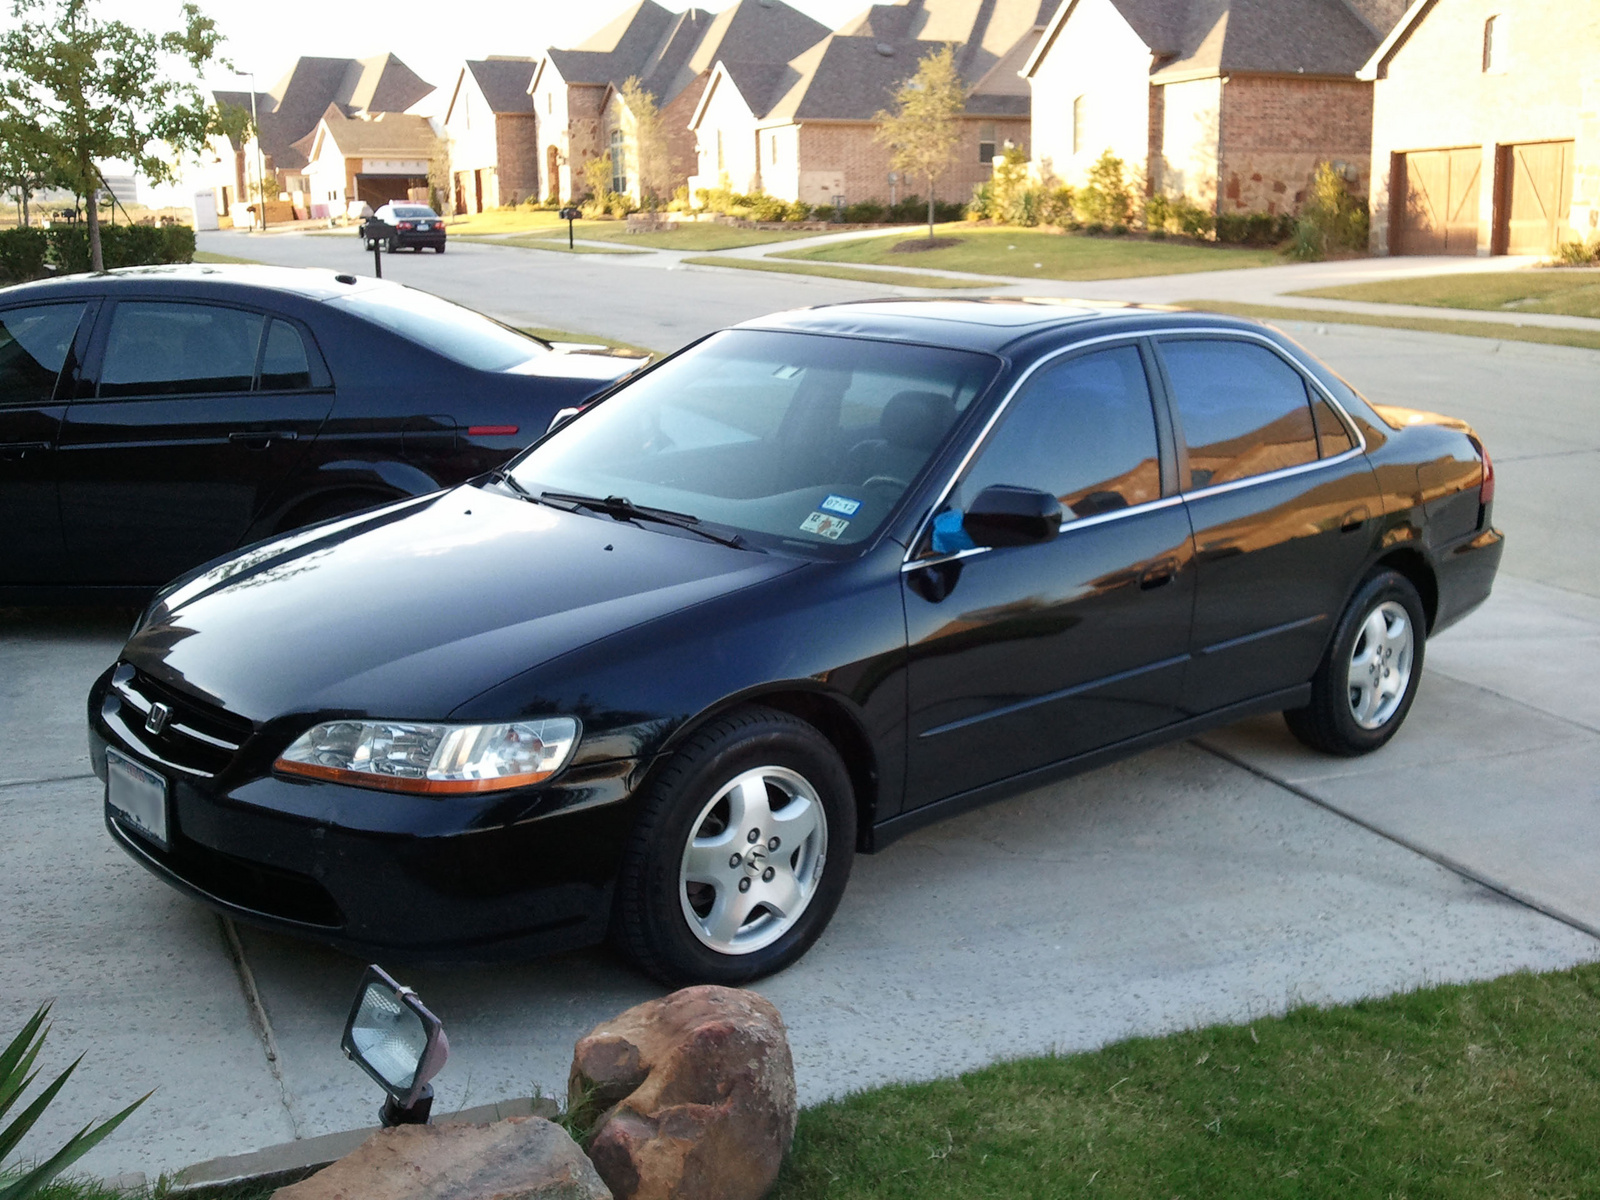 2000 Honda Accord Exterior Pictures Cargurus